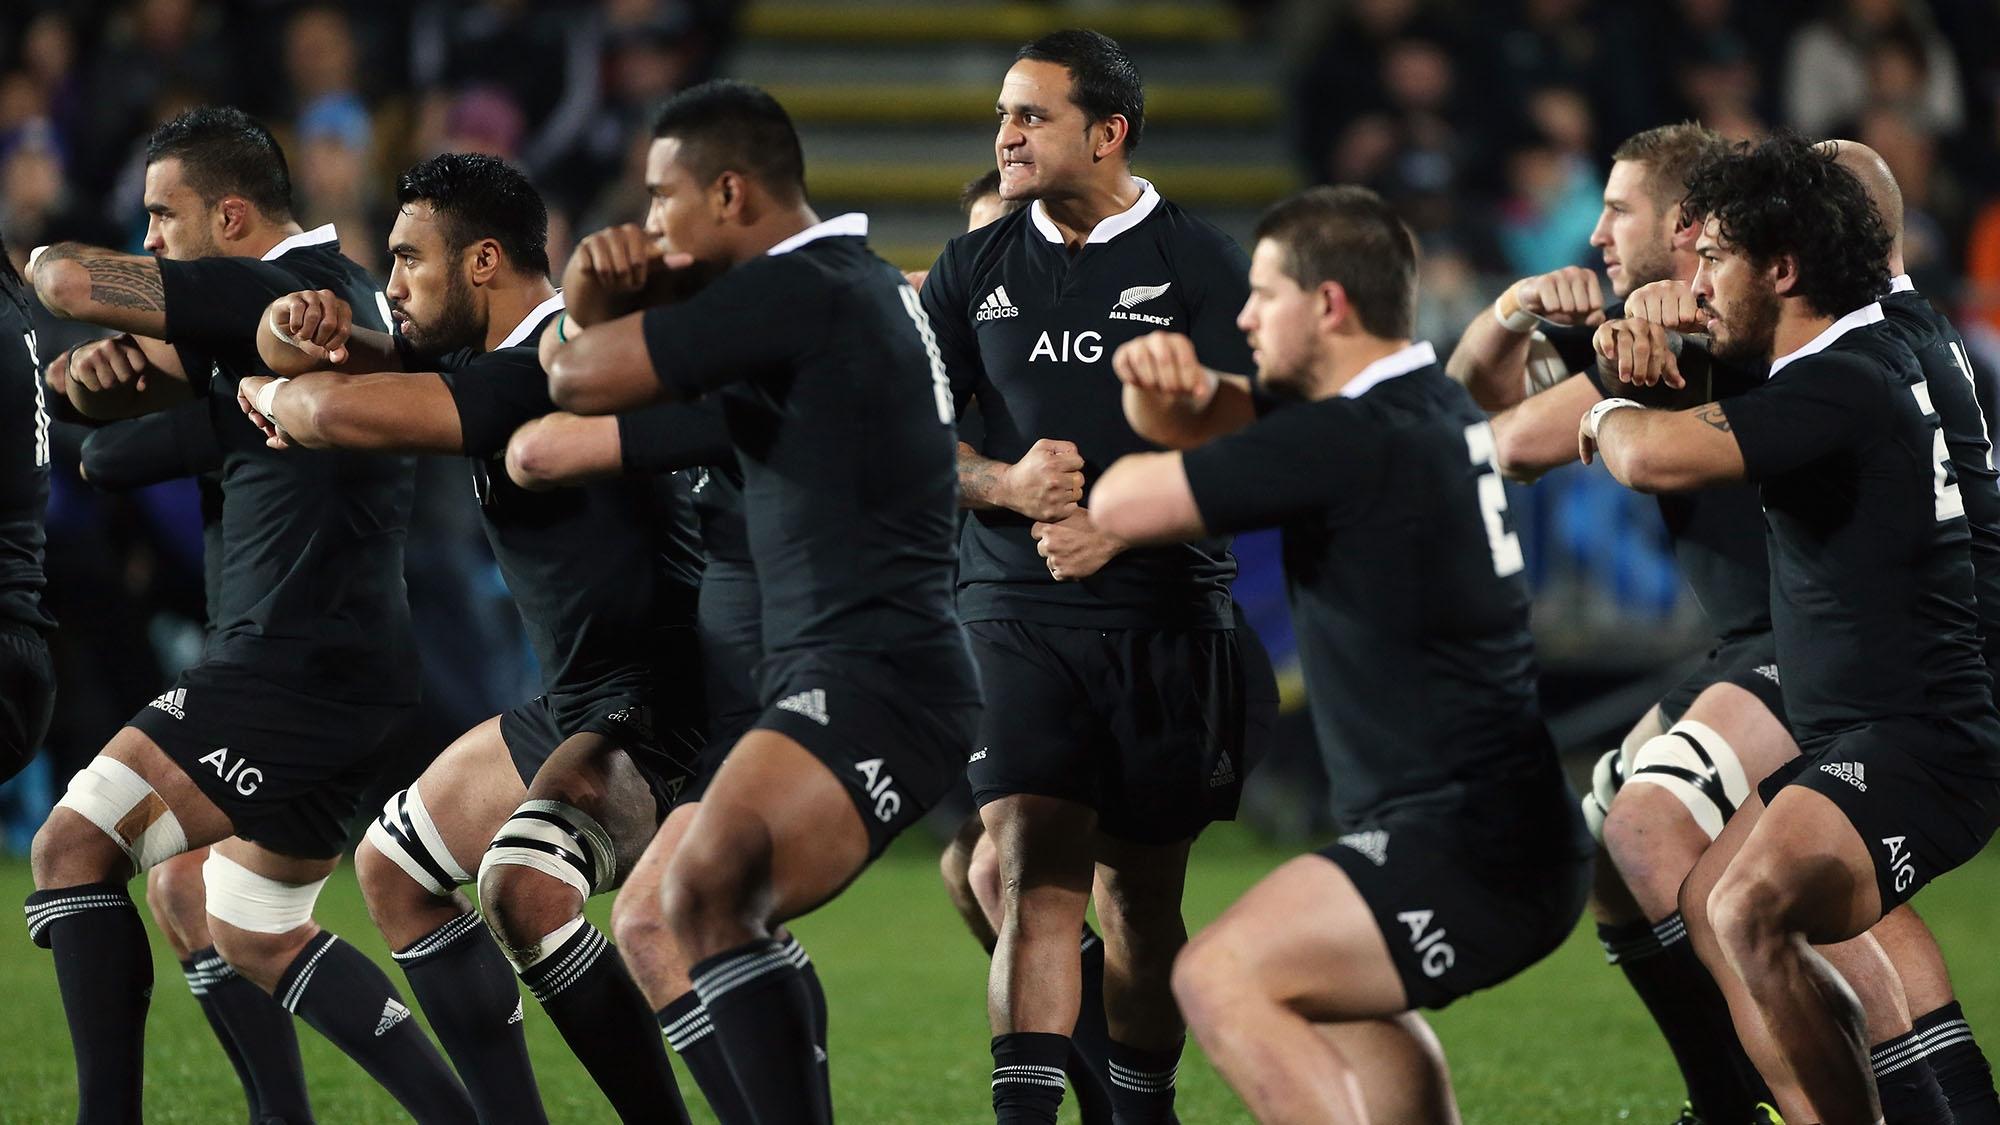 Valores deportivos: rugby vs. fútbol